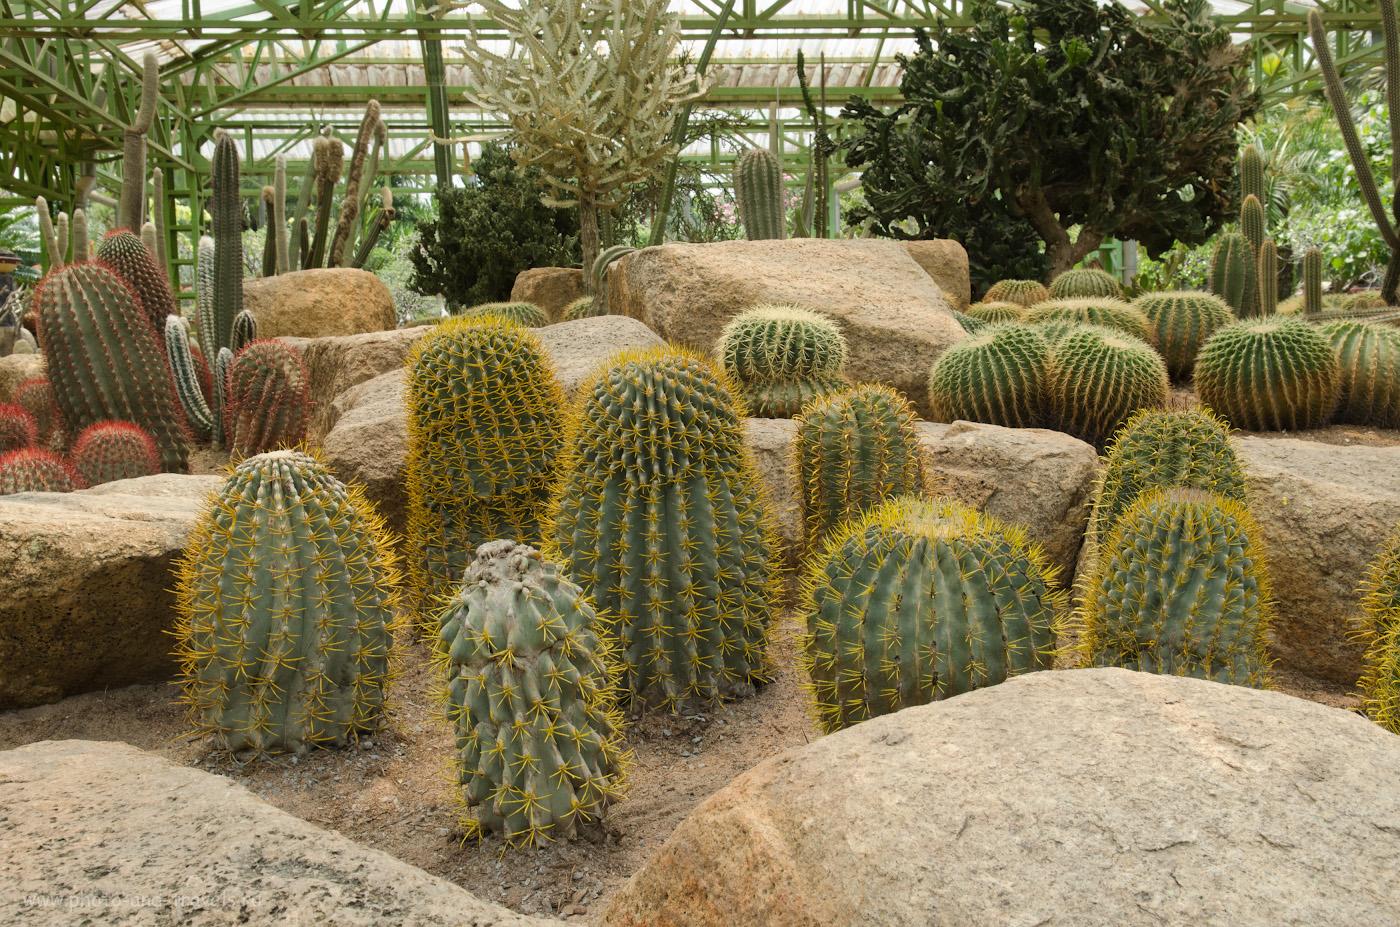 33. Кактусы в ботаническом саду Nong nooch. Какие интересные места можно посетить в Паттайе во время отдыха в Таиланде.